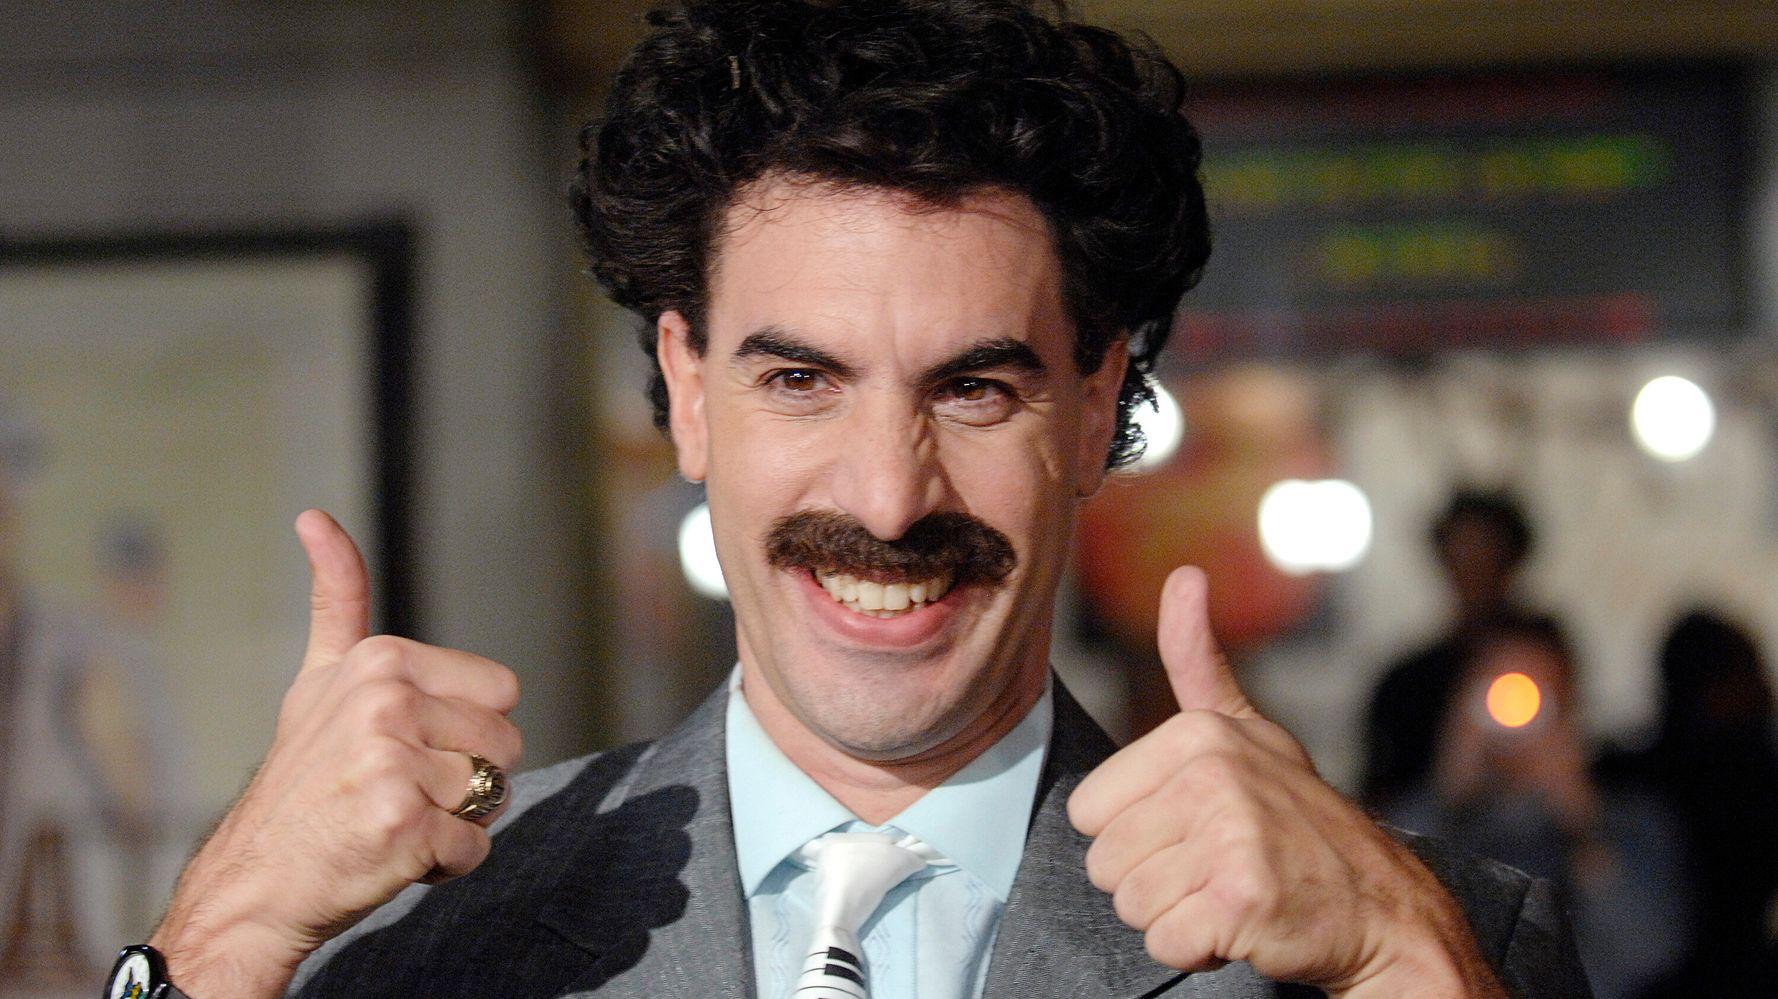 Kazhakstan Adopts Borat's Catchphrase As New Tourism Slogan